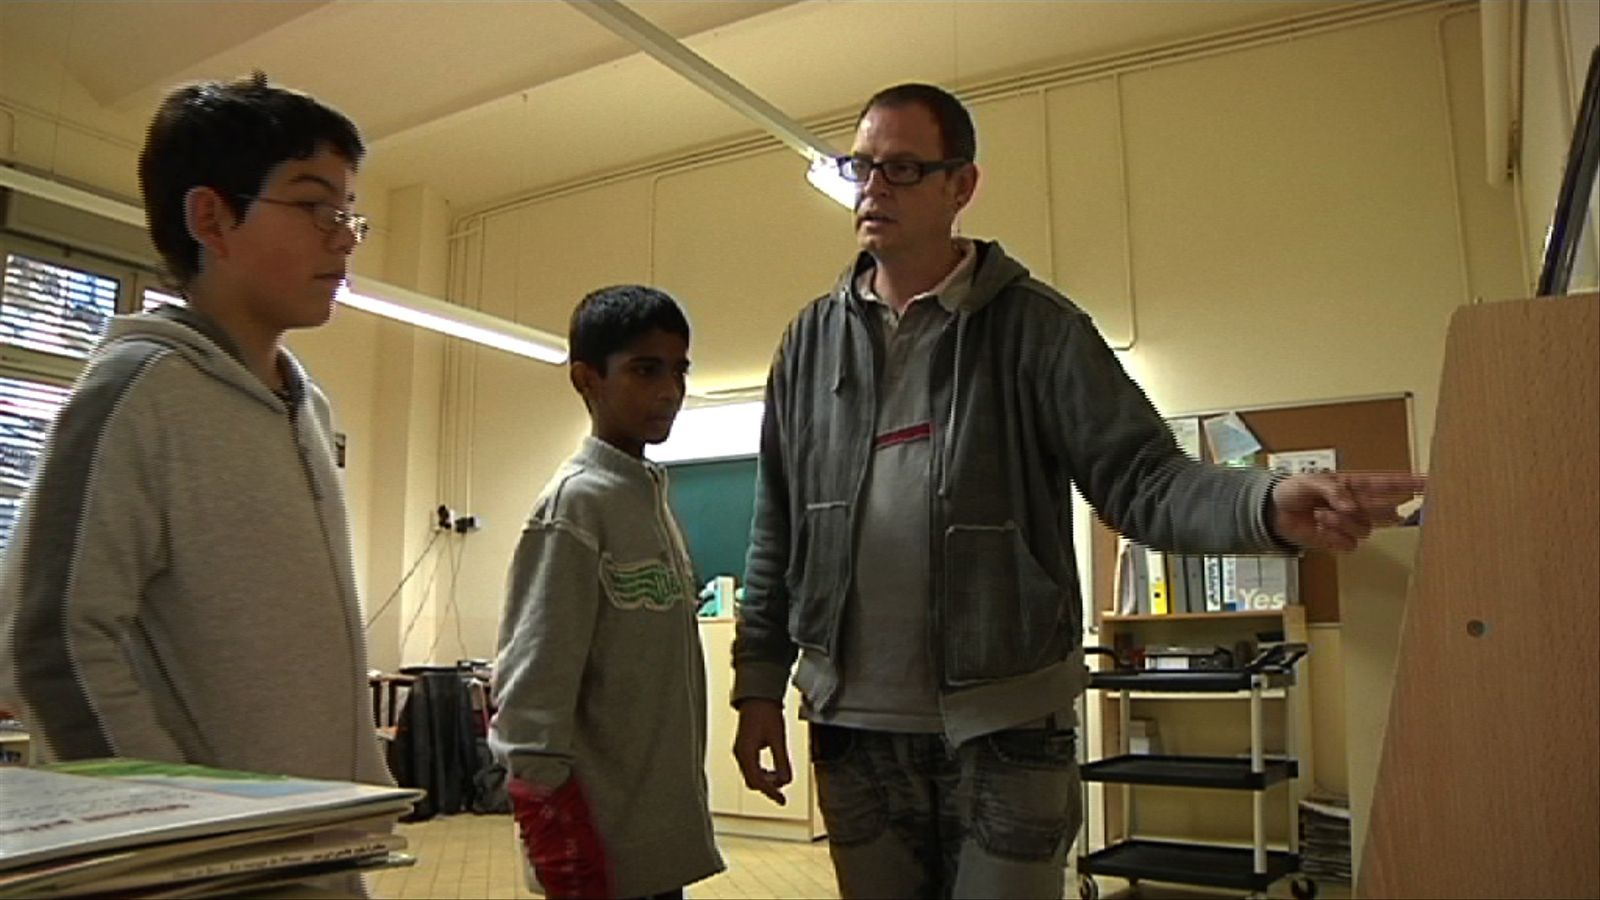 ARA Mestres: Des de fa cinc anys Carles Casanovas és el reponsable de la biblioteca de l'escola